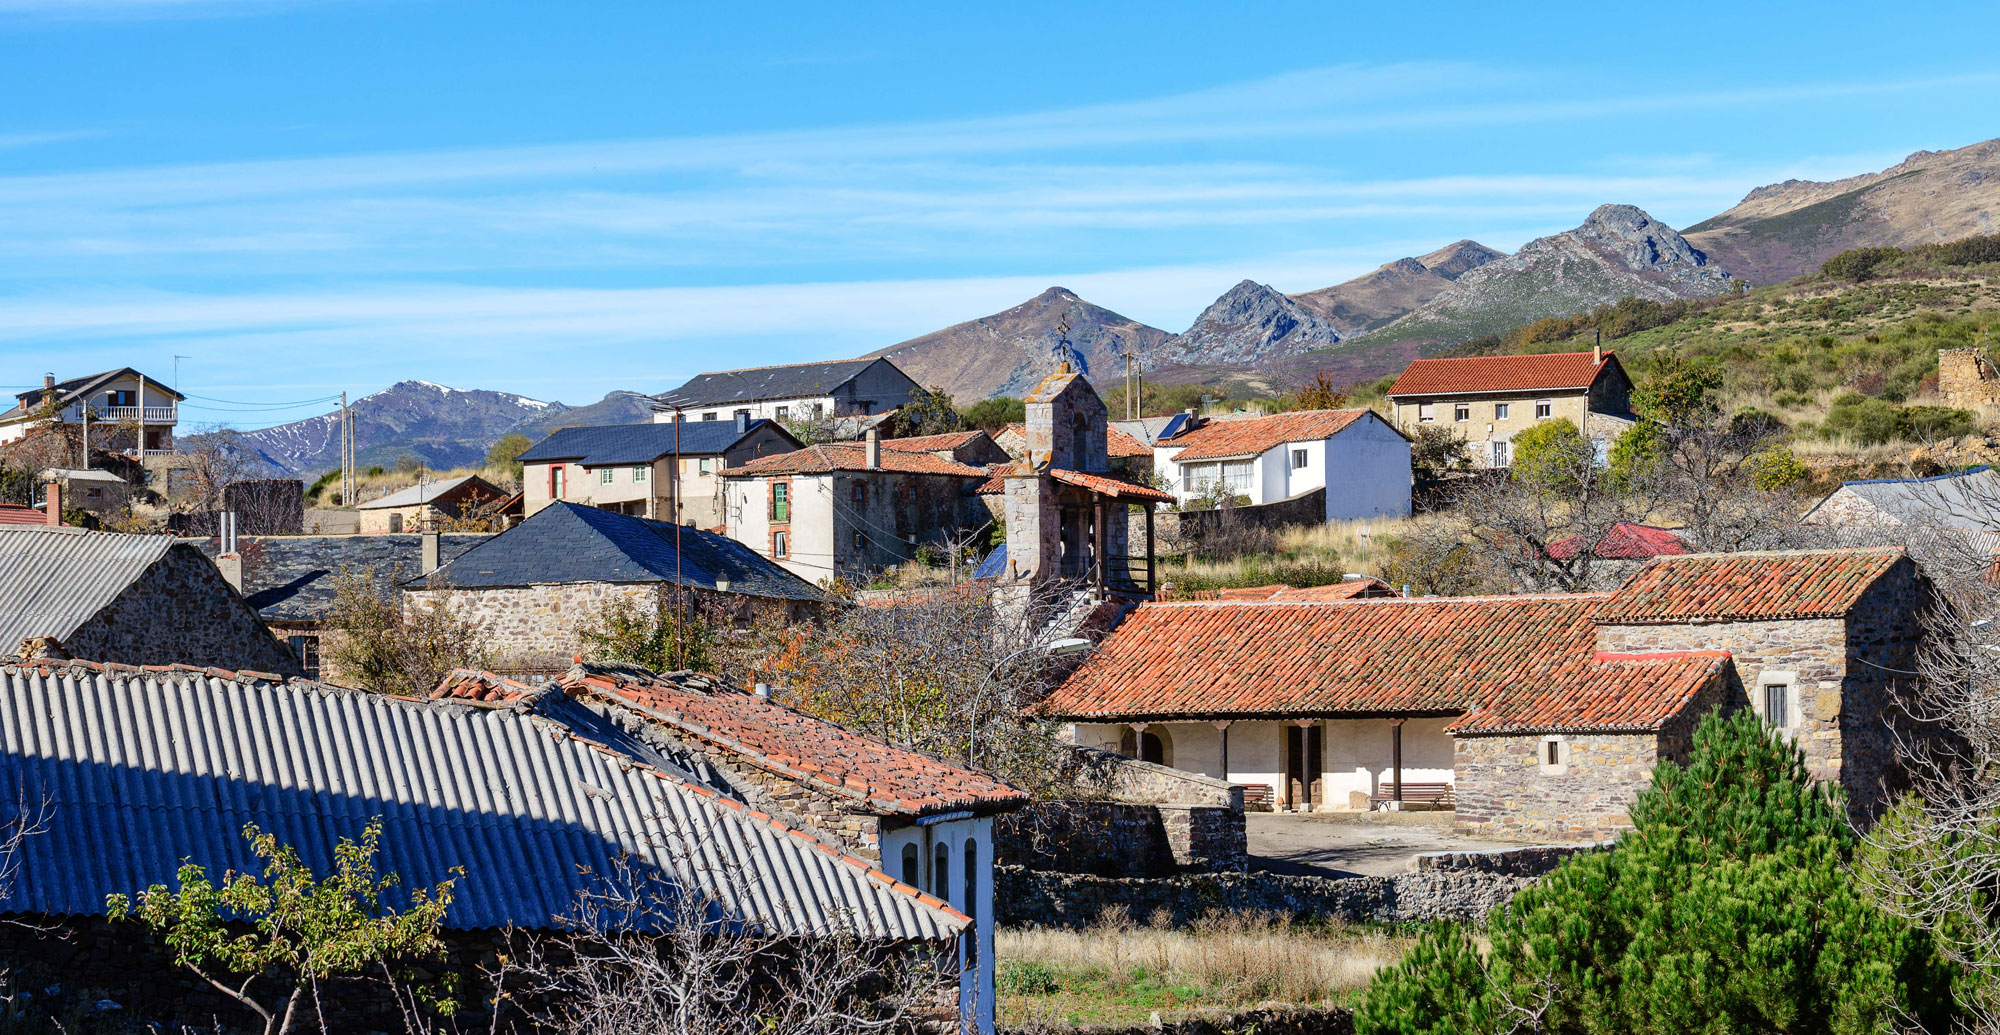 Casa rural la filera rom ntica parejas alta monta a le n casa rural monta a le n - Casa rural romantica catalunya ...